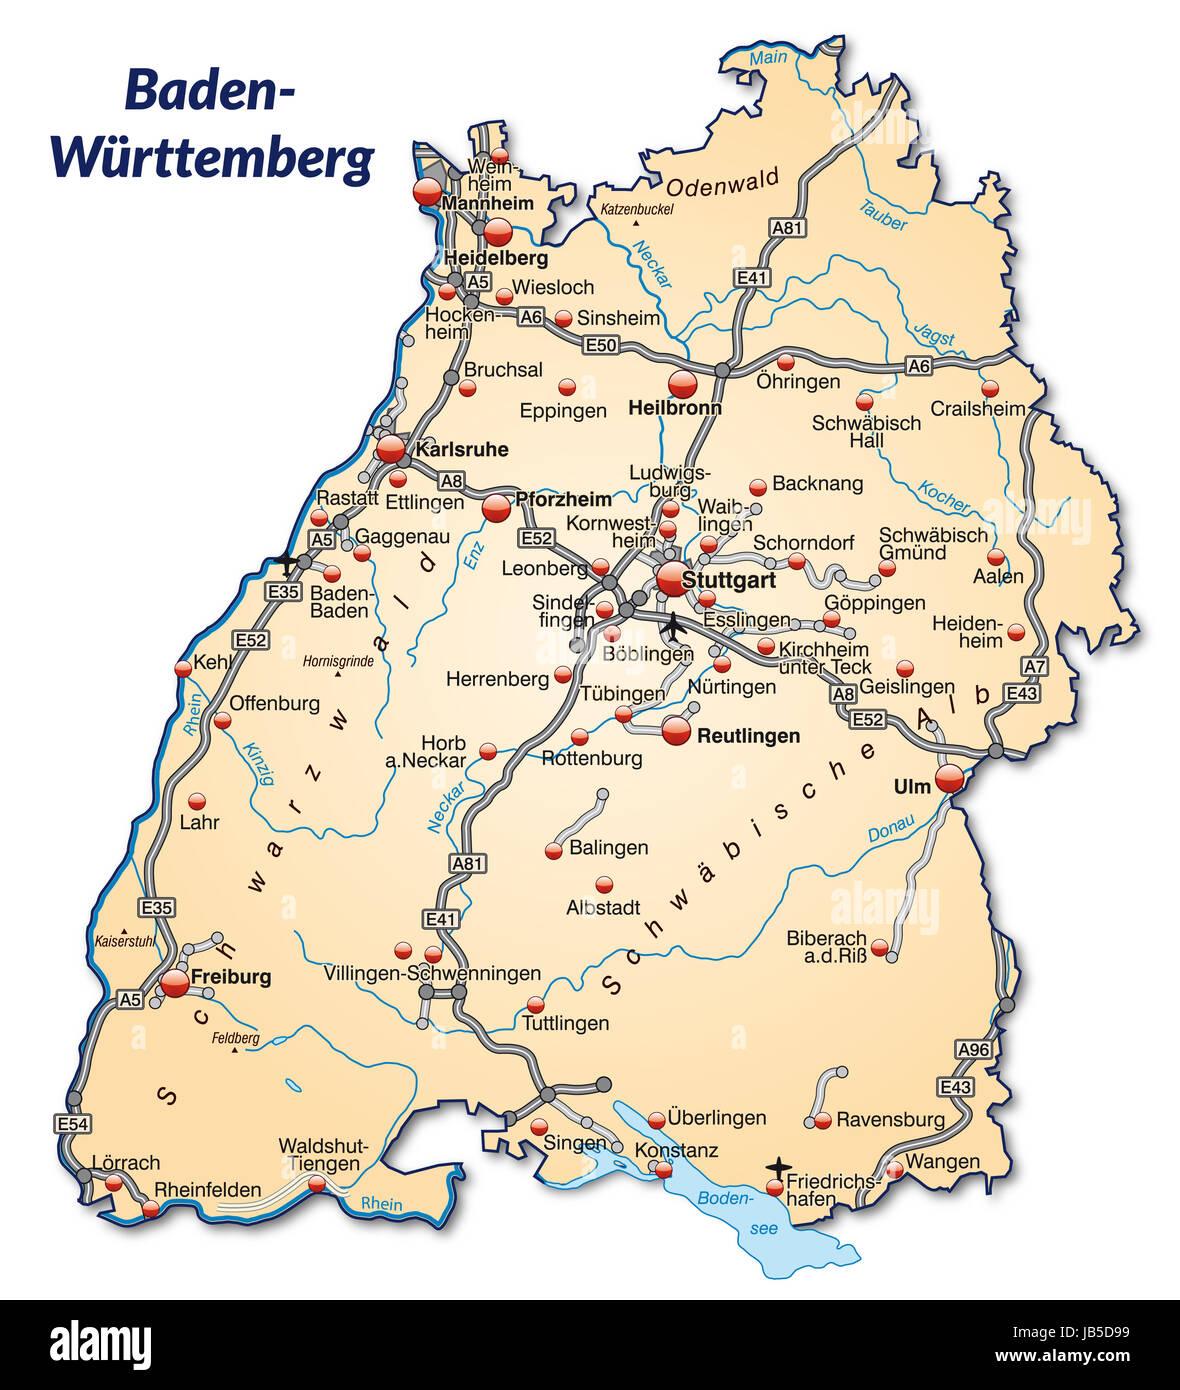 Baden Wurttembergkarte Stock Photos Baden Wurttembergkarte Stock